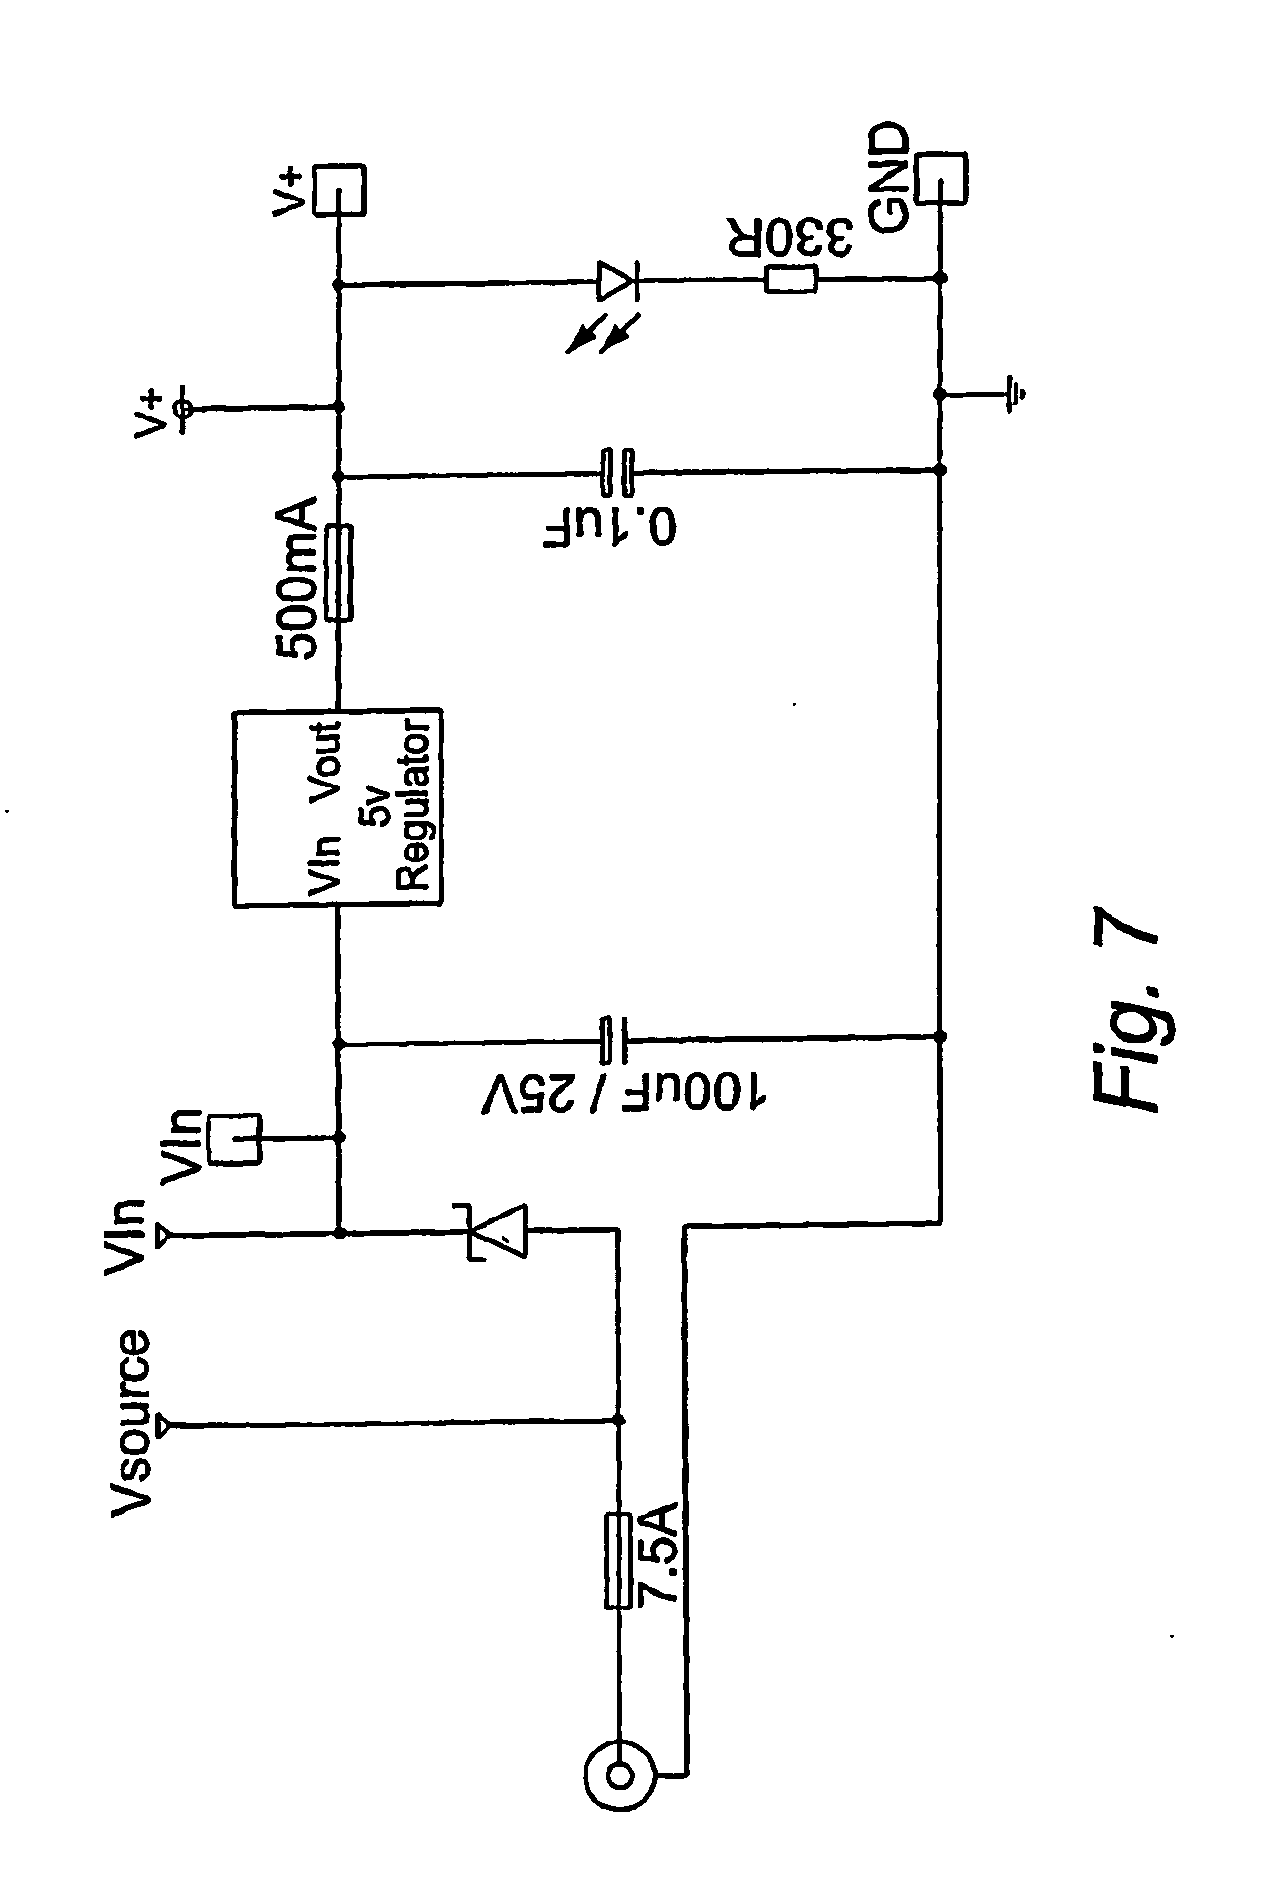 Powakaddy Wiring Diagram Legend | #1 Wiring Diagram Source